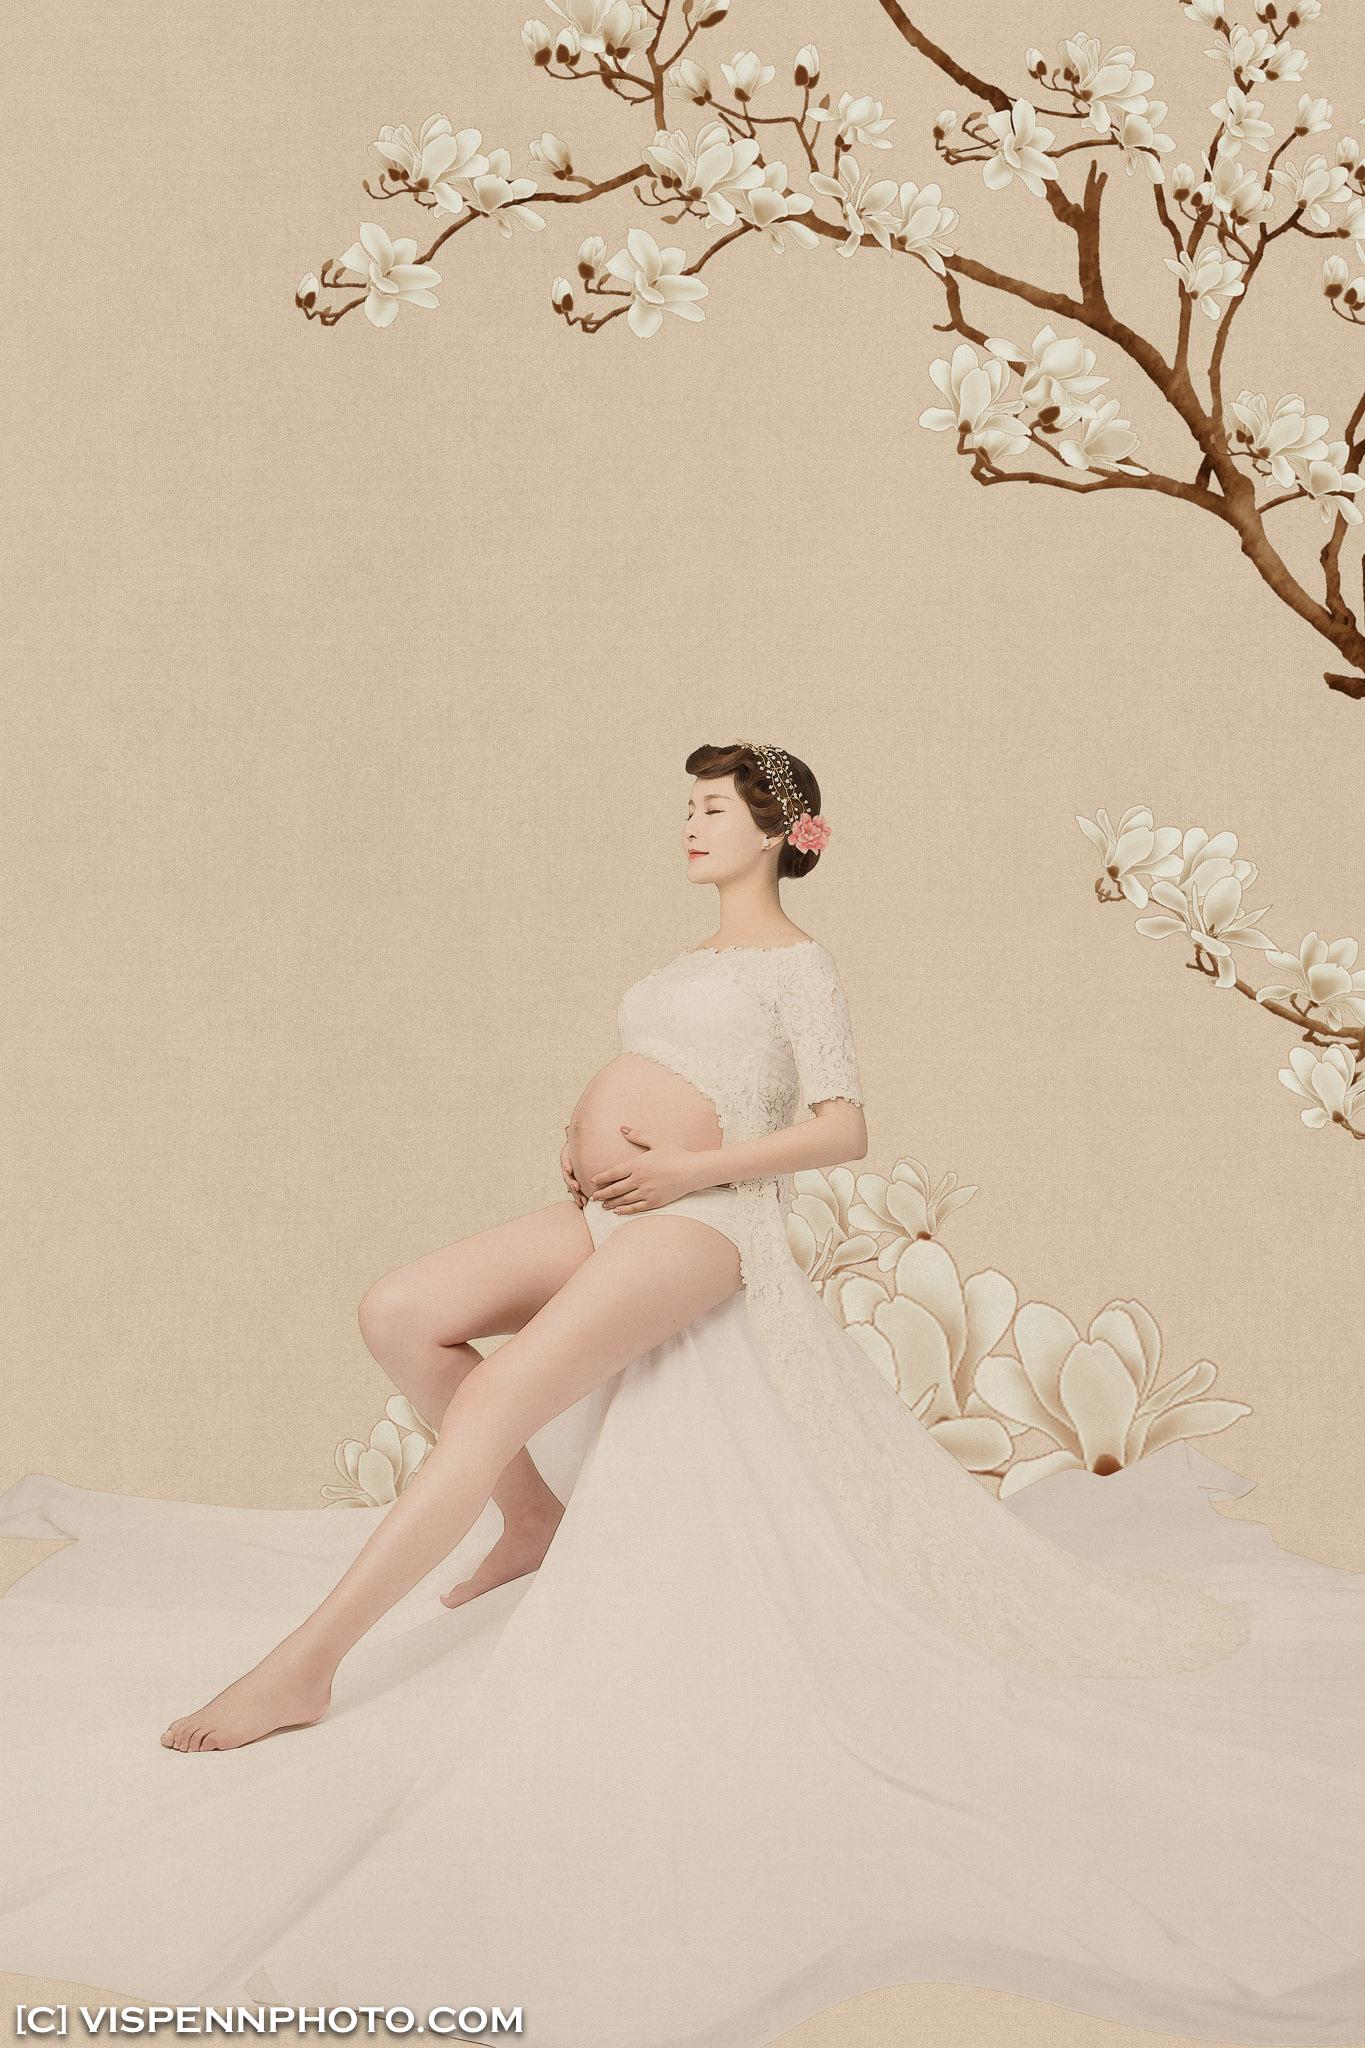 Melbourne Newborn Baby Maternity Family Photo VISPENN 墨尔本 孕妇照 大肚照 VISPENN RitaLi 1479 1